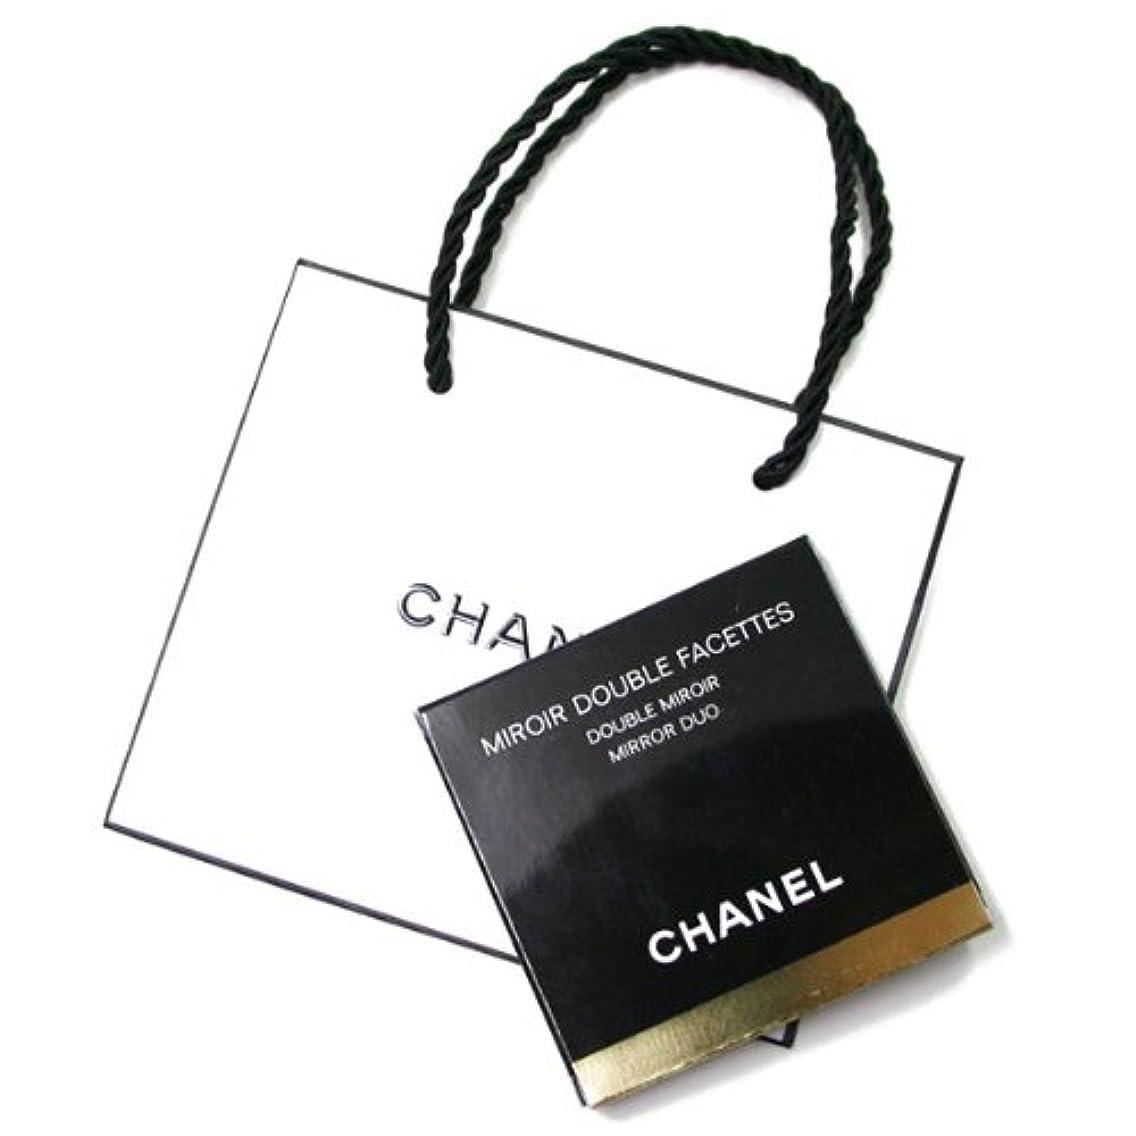 異なる使用法同様の(シャネル) CHANELコンパクト ダブルミラー 手鏡 BLACK (ブラック)CHANEL ギフト ペーパーバッグ付きミロワールドゥーブルファセットA13750 [並行輸入品]